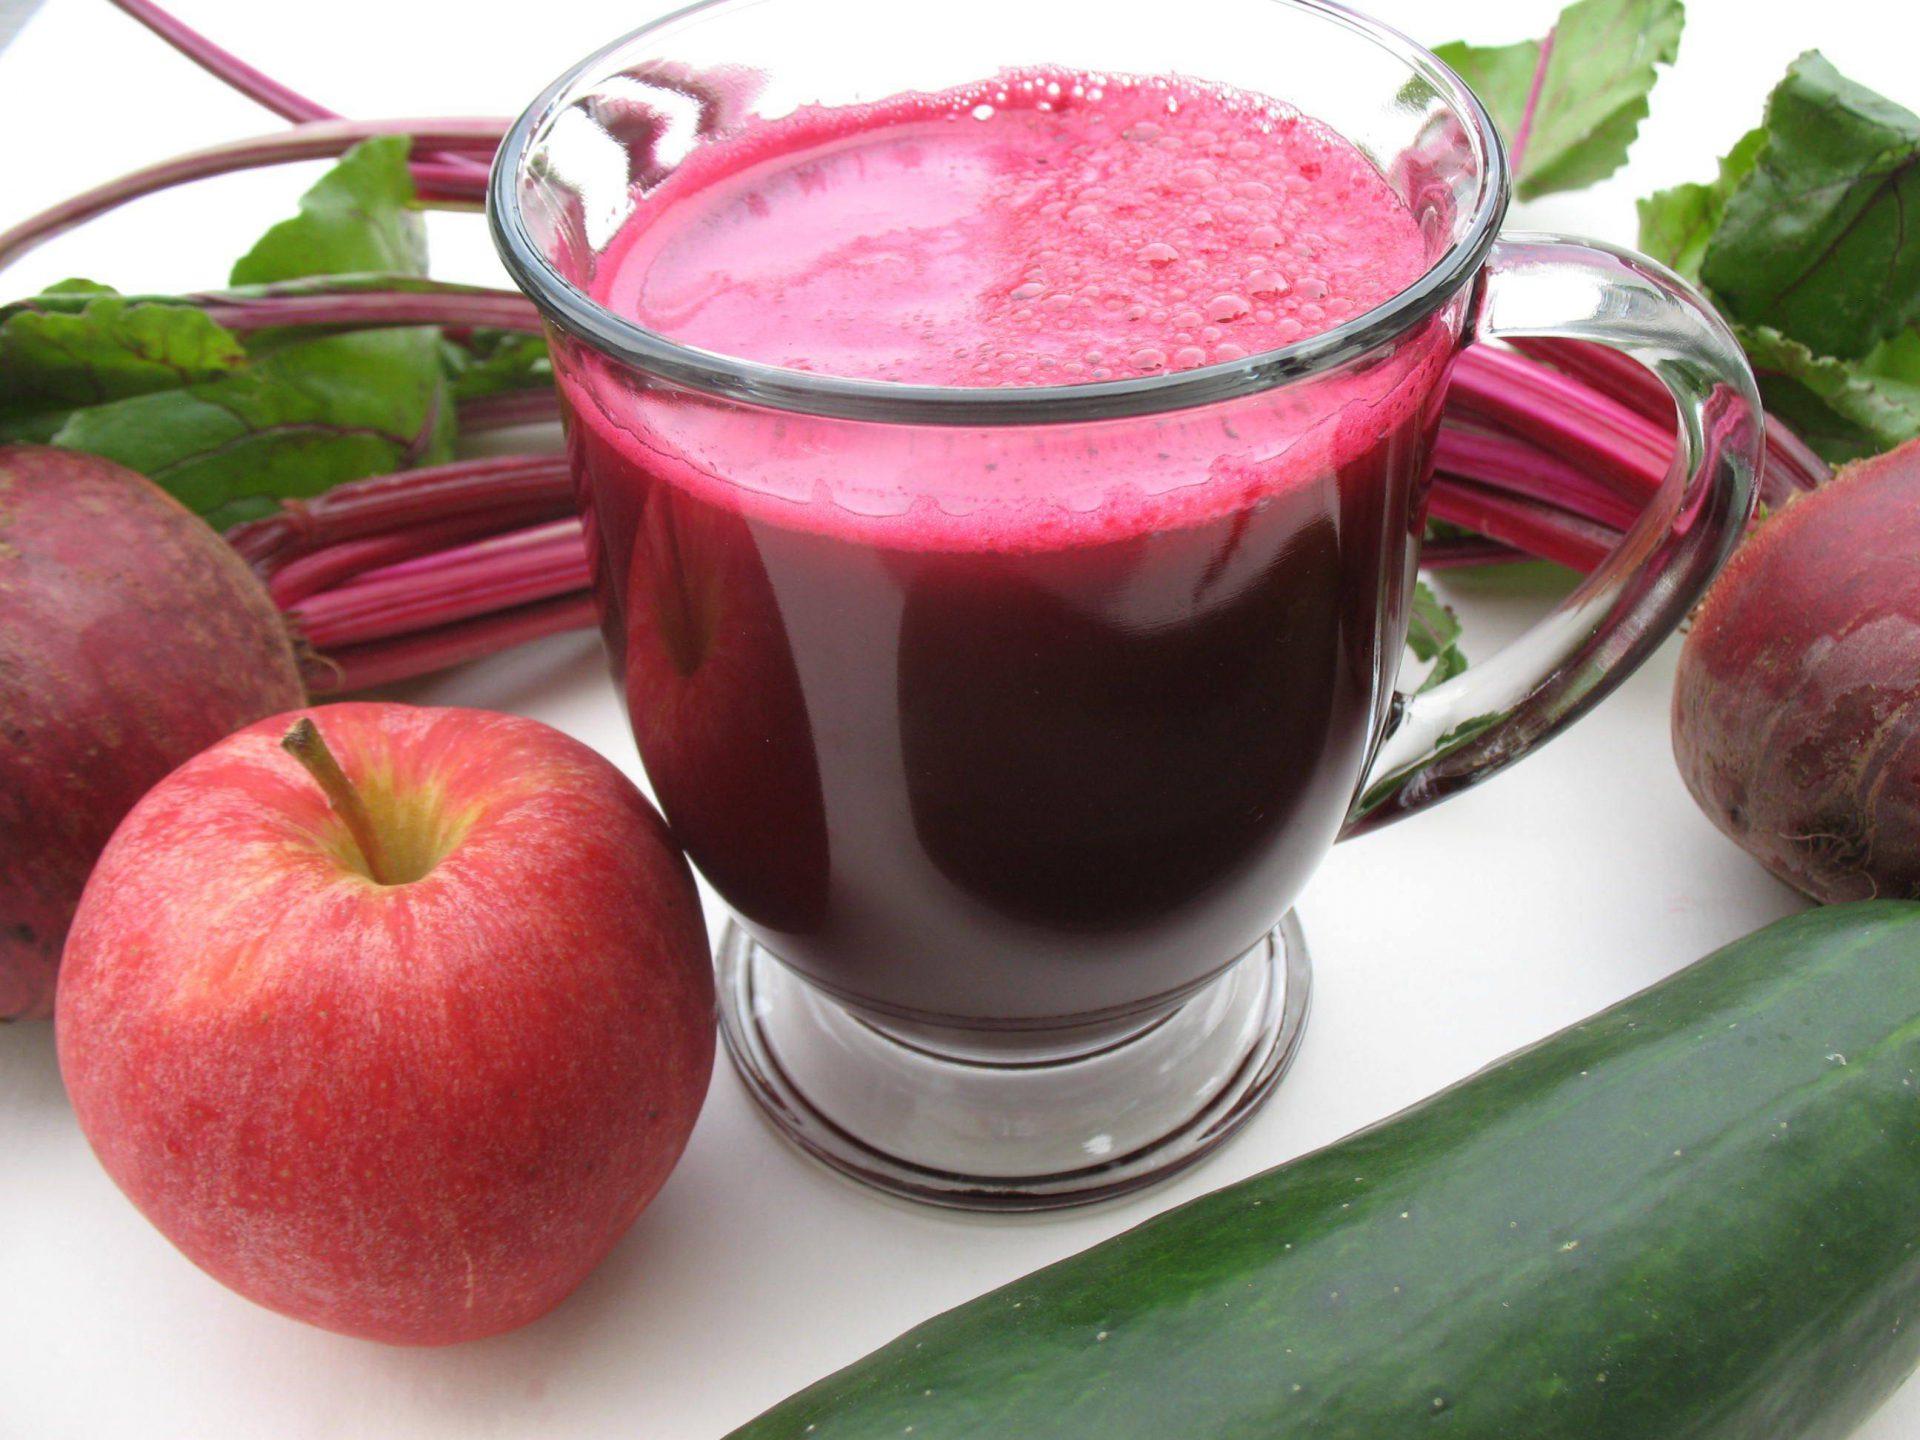 مزایای نوشیدن آب چغندر برای سلامتی